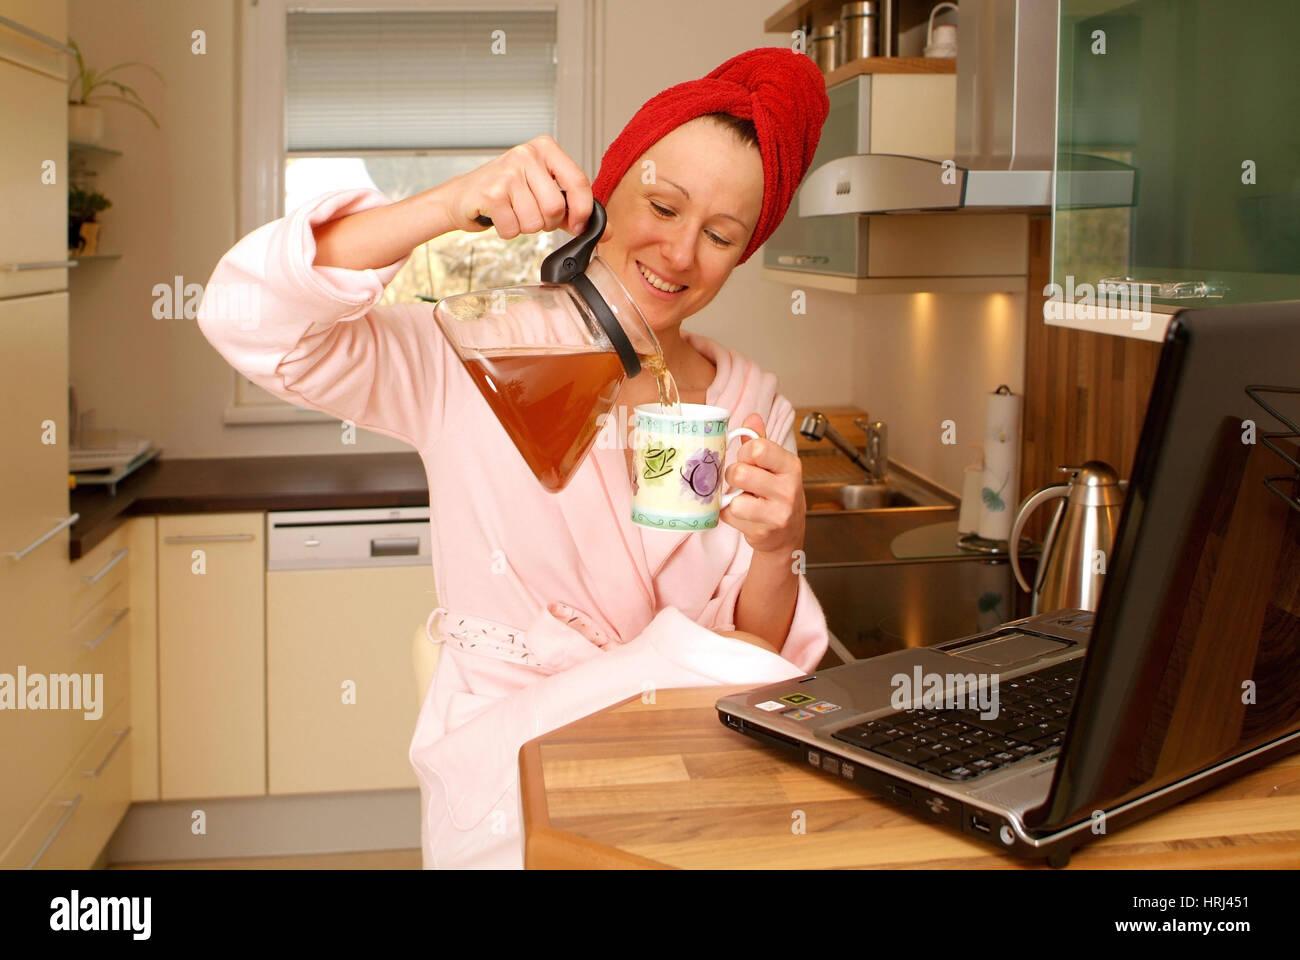 Junge Frau im Morgenmantel arbeitet am Notebook an der K?chenbar und schenkt sich Tee ein - woman in bathrobe using - Stock Image